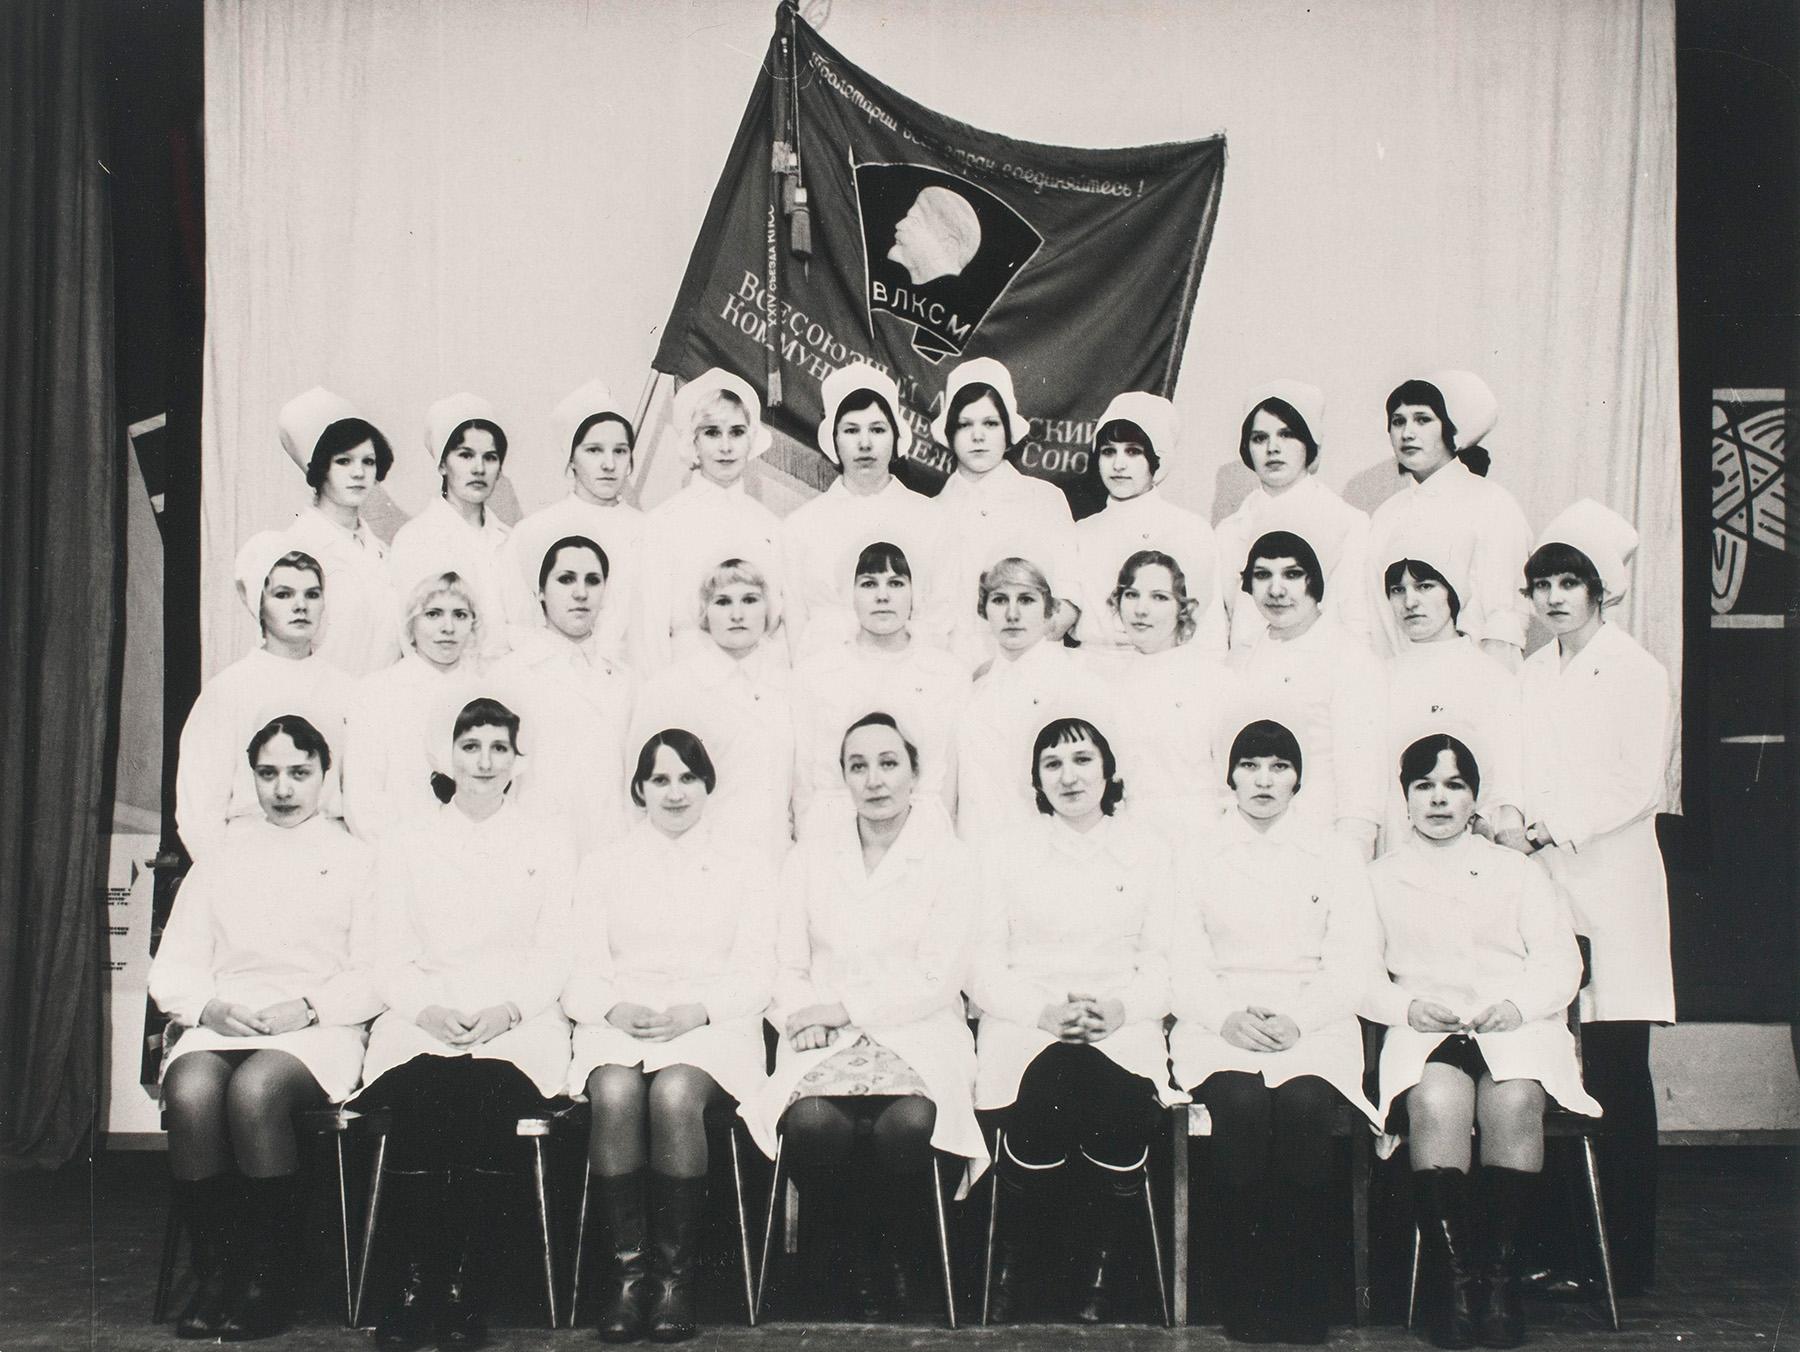 Ryhmäkuva Petroskoin lääketieteellisen opiston opiskelijoista. Edessä keskellä istuu opettaja Lilja Tatti. SKS KIA, Tatti-perheen arkisto. CC BY 4.0